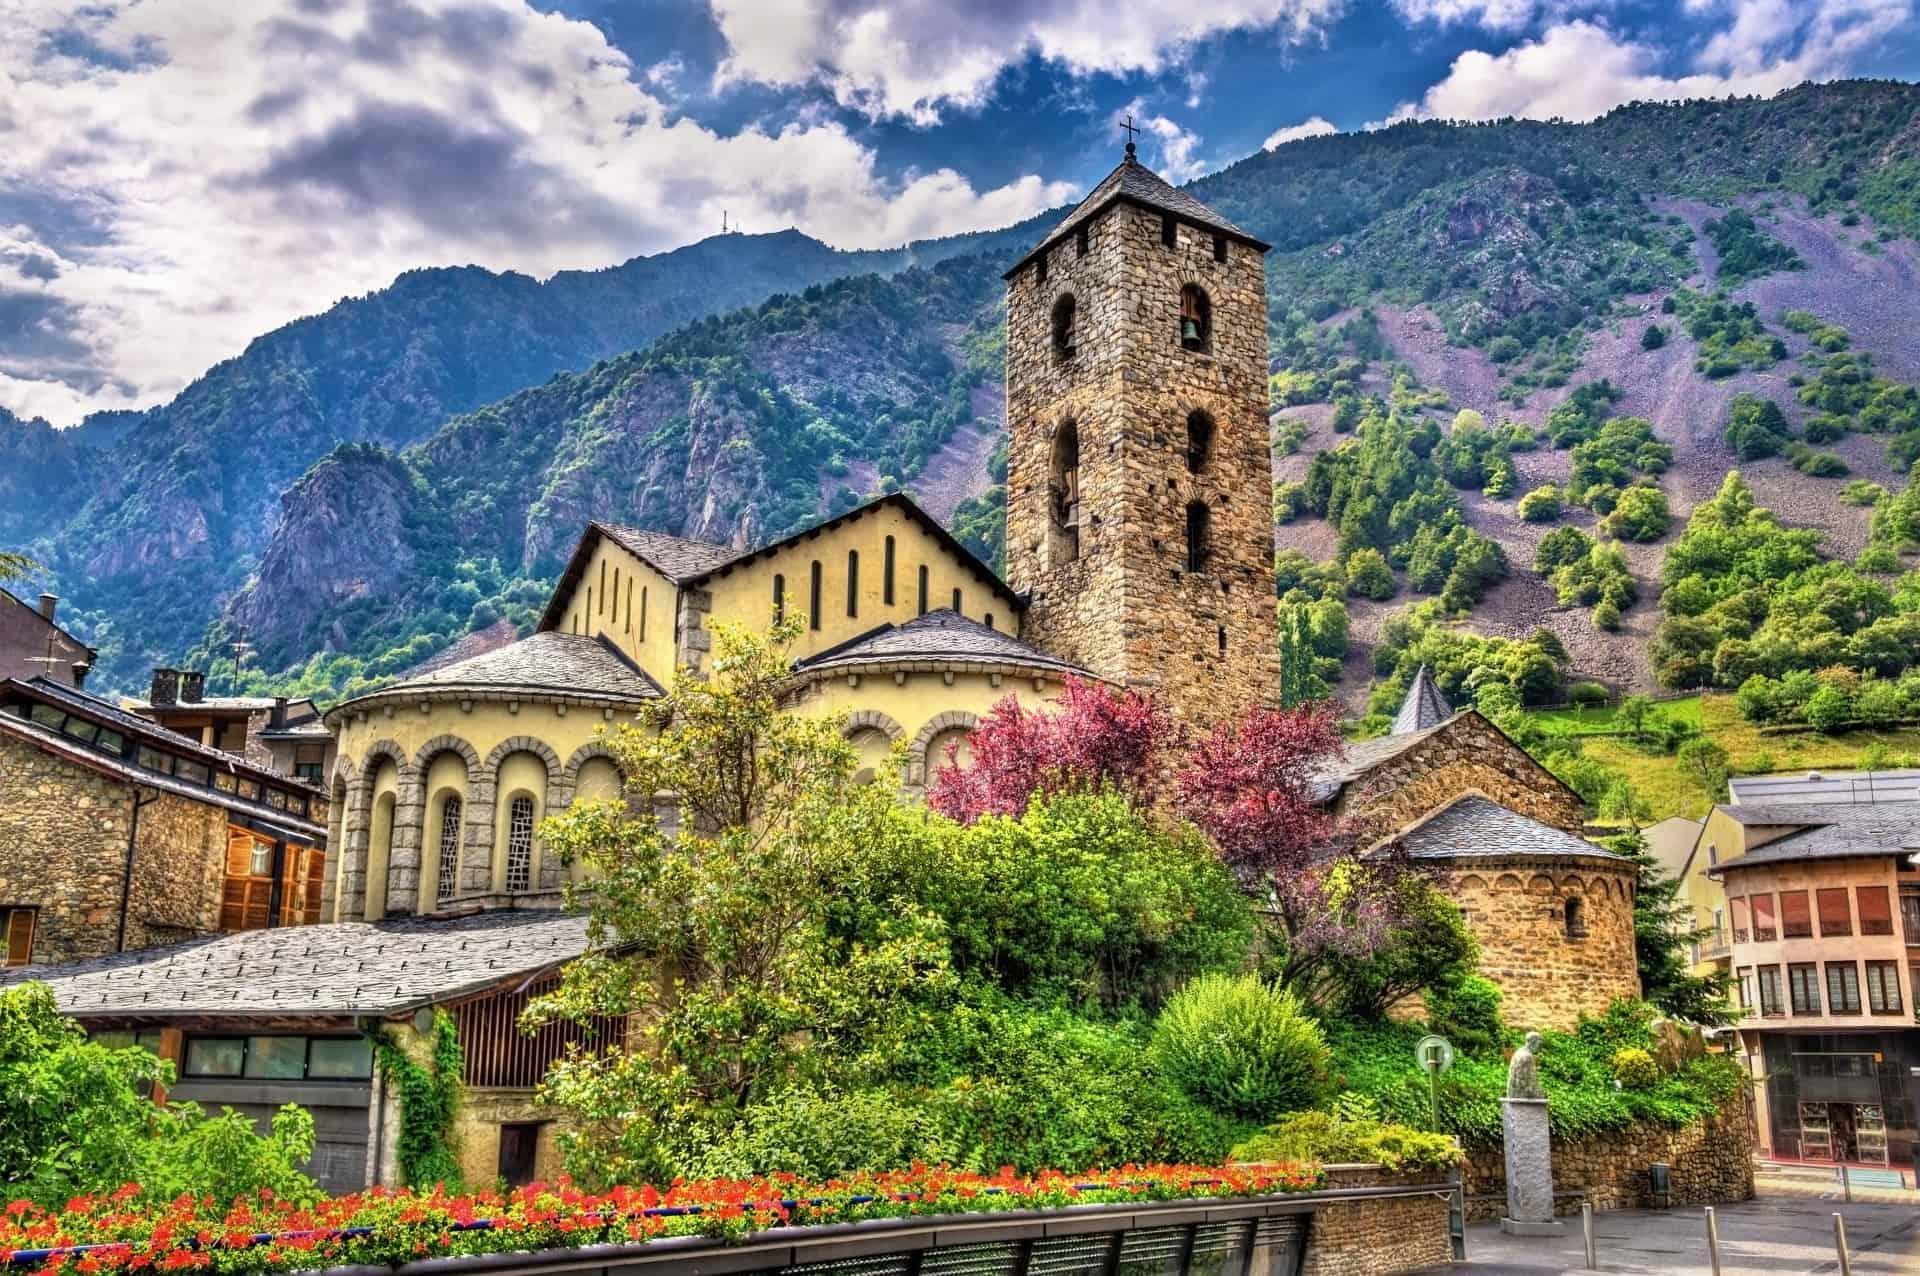 Sant Esteve Church in Andorra la Vella